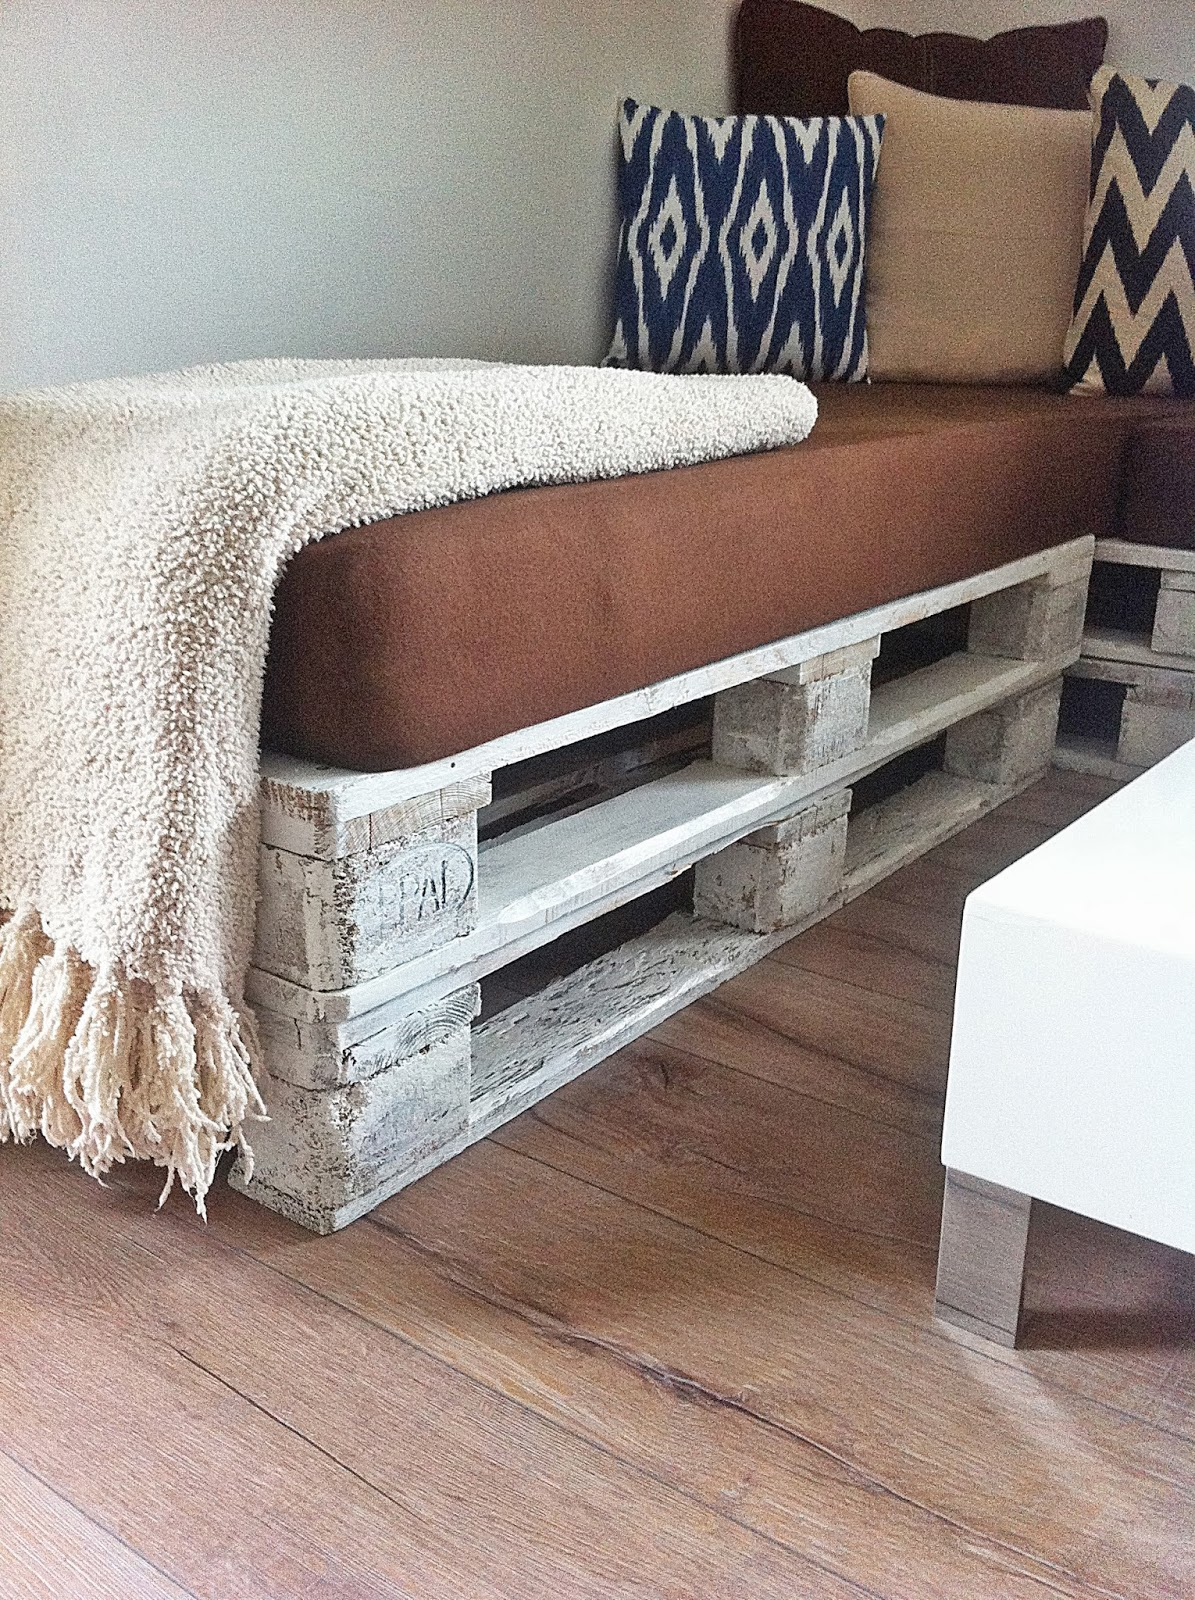 paletten sofa wohnzimmer:die Paletten einfach grob mit weißem Lack bepinselt